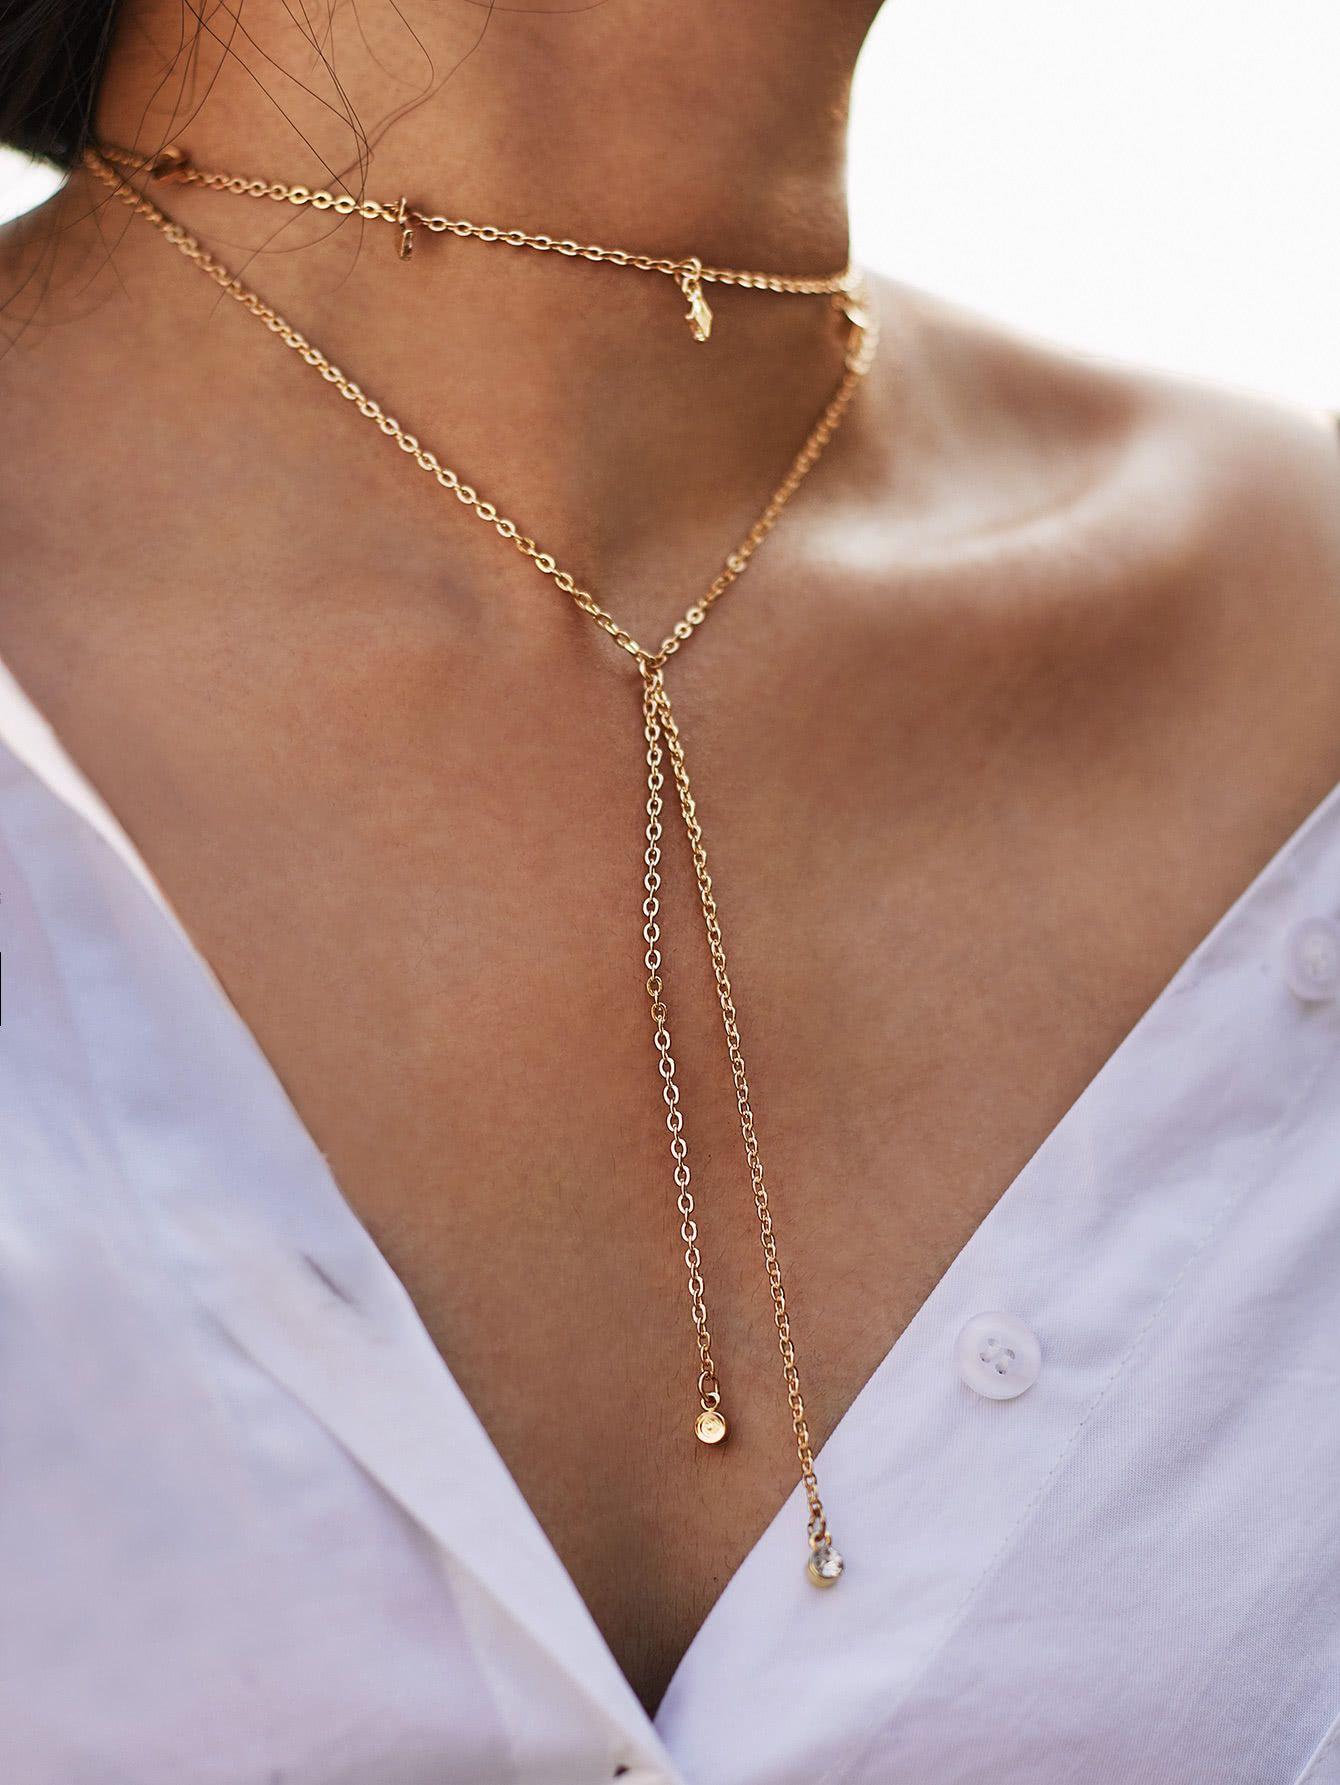 31b5ddbaf3 Shop Rhinestone Layered Necklace With Geometric Charm online. SheIn offers  Rhinestone Layered Necklace With Geometric Charm & more to fit your  fashionable ...